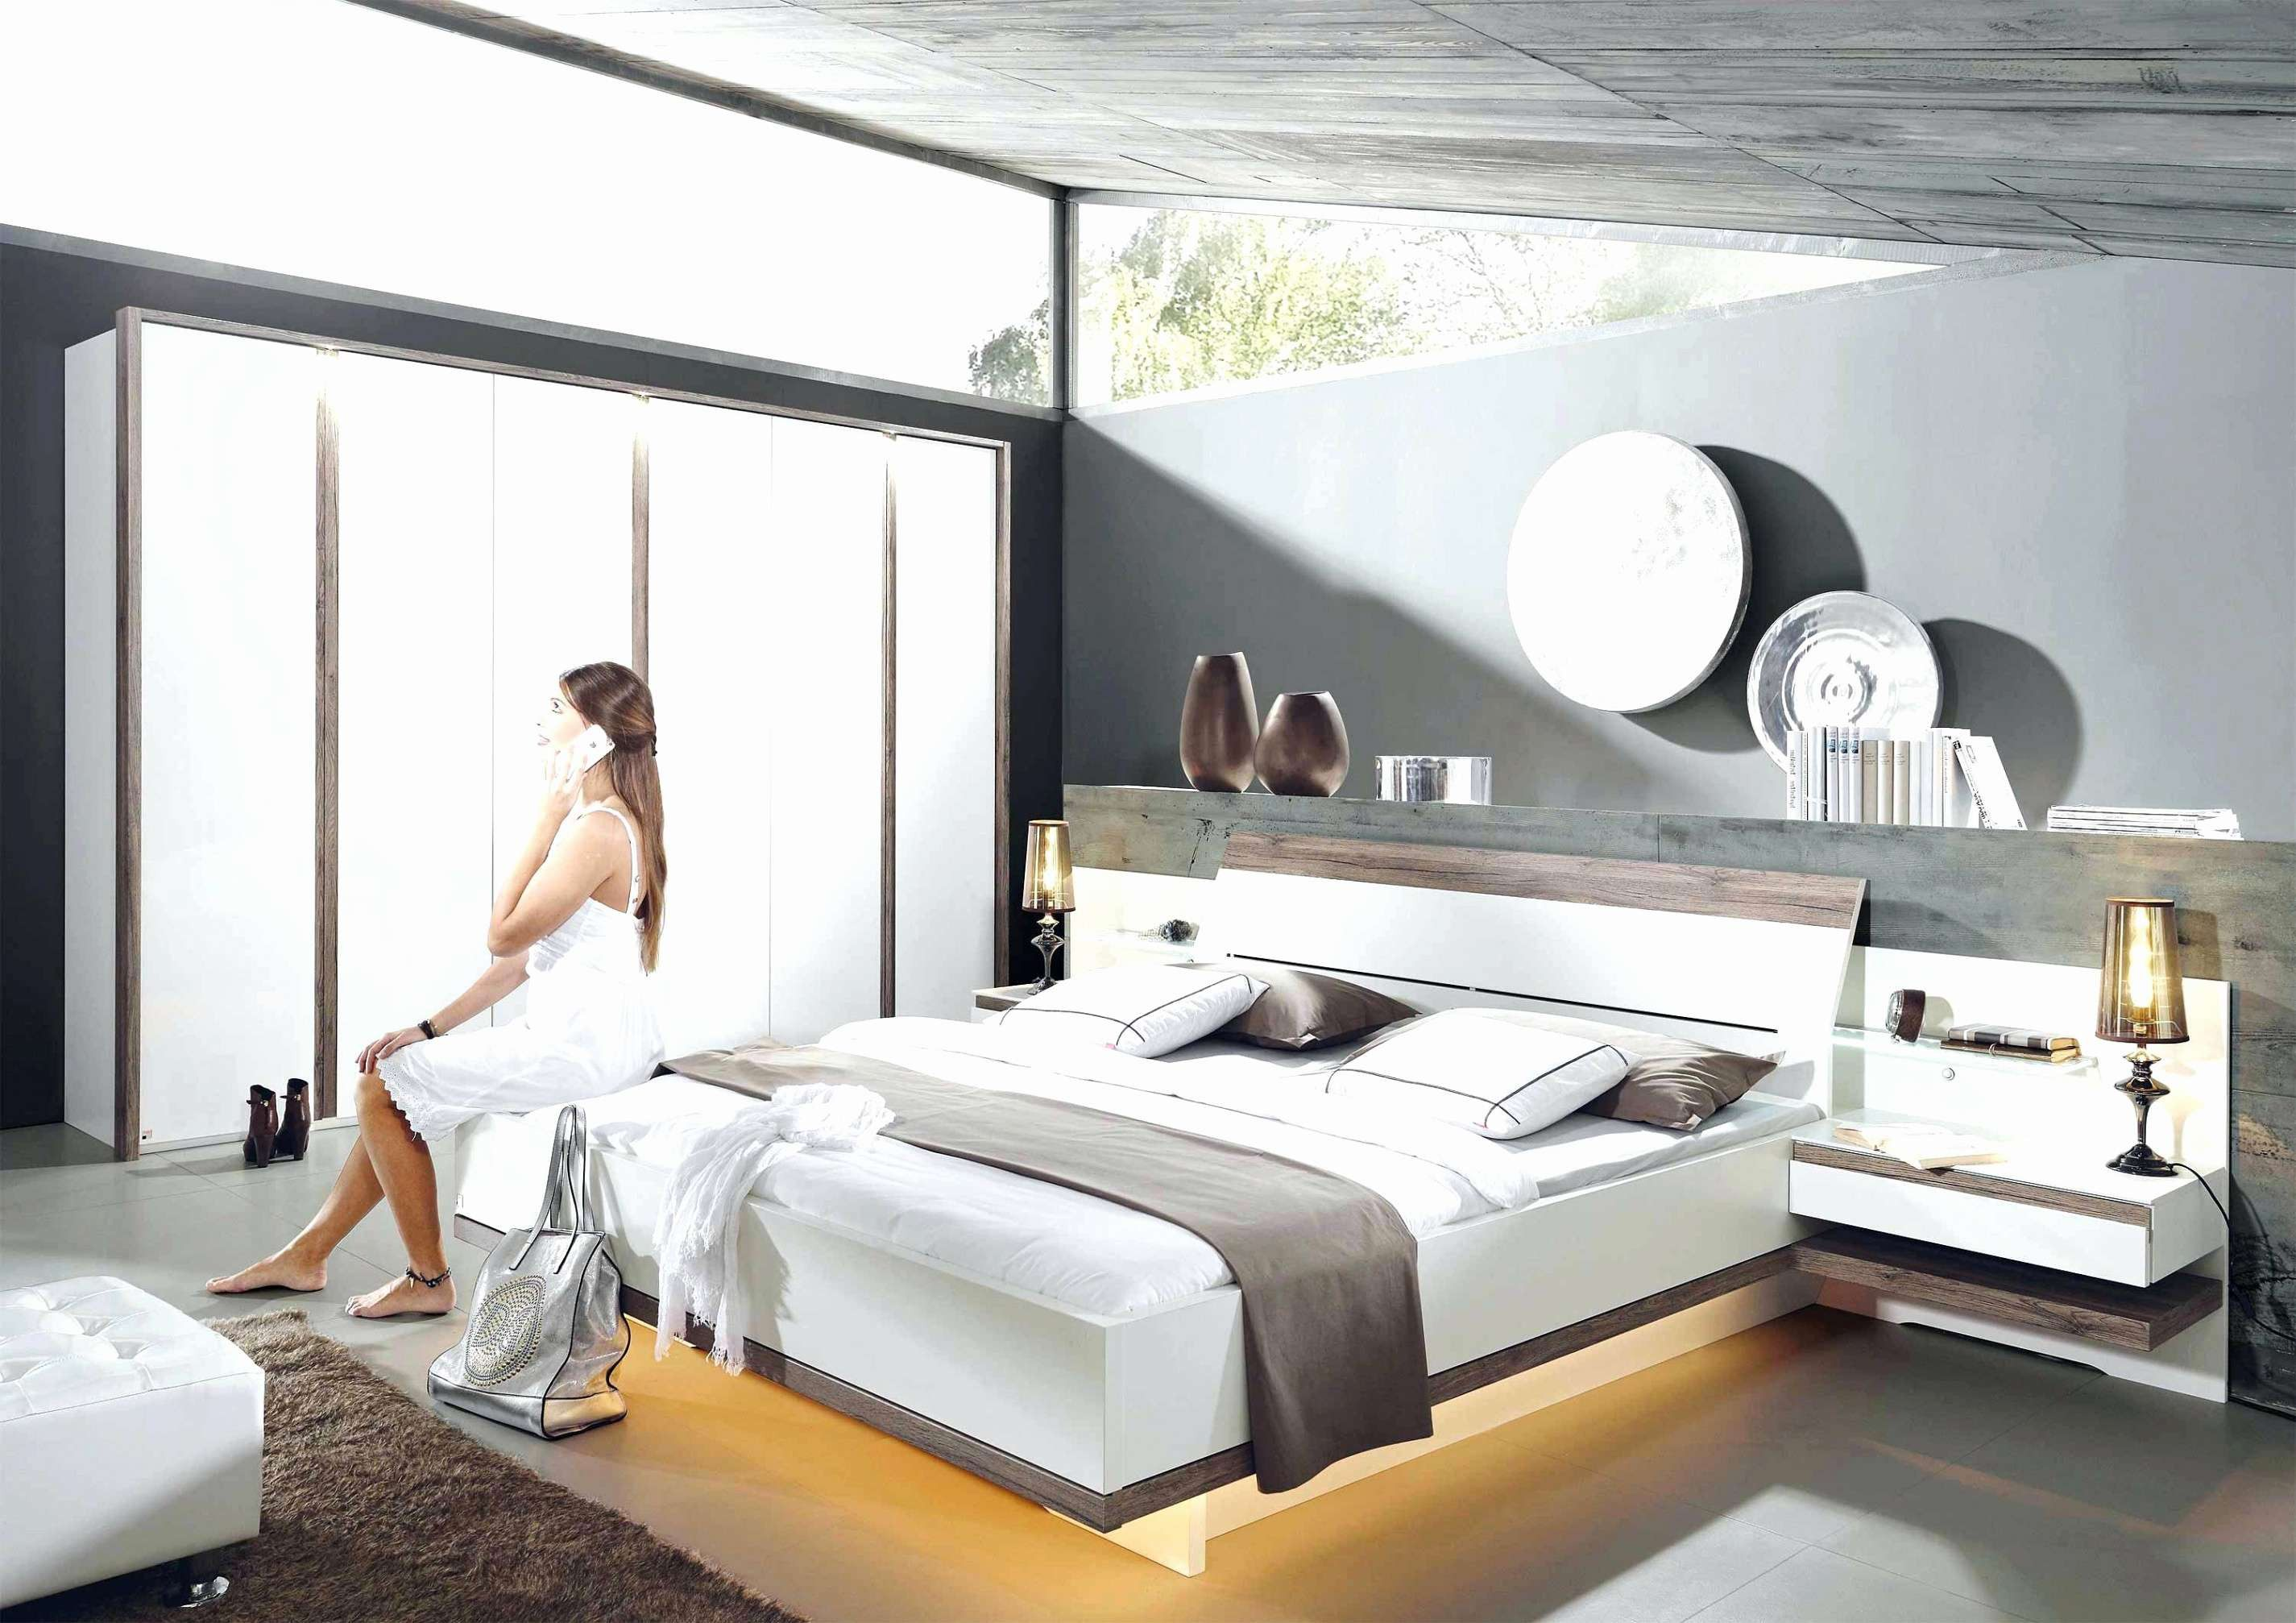 Lit Design Led 160×200 Beau 100 Idées De Design Lit Design Led 160×200